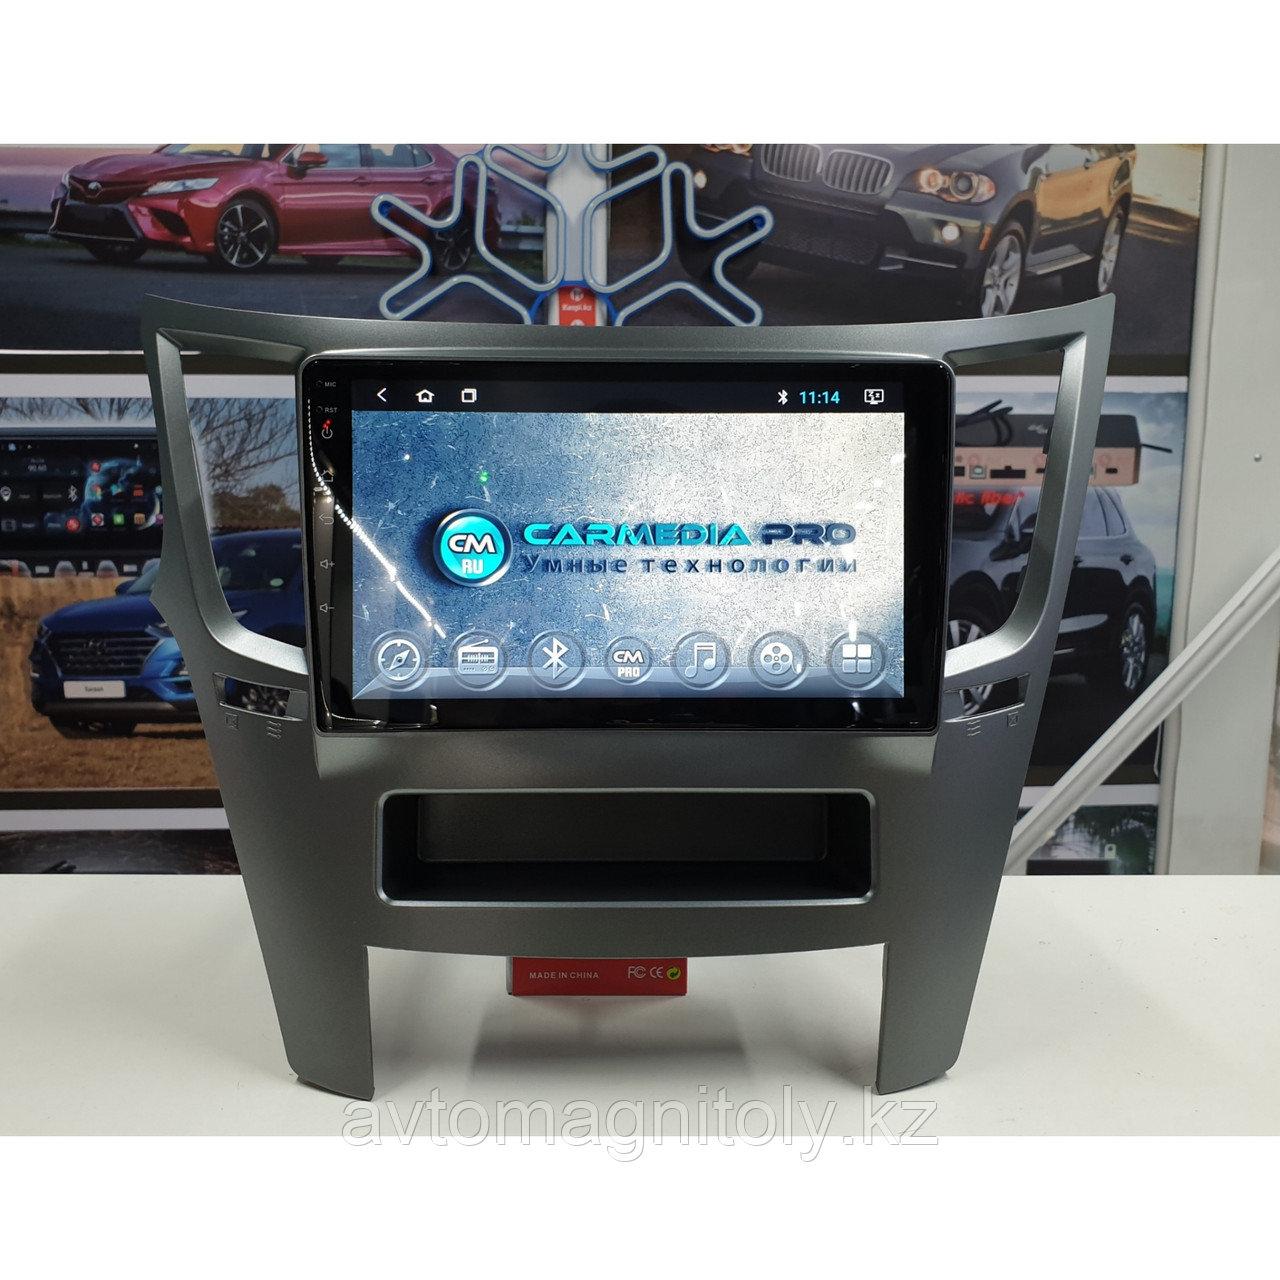 Магнитола CarMedia PRO Subaru Outback 2009-2014